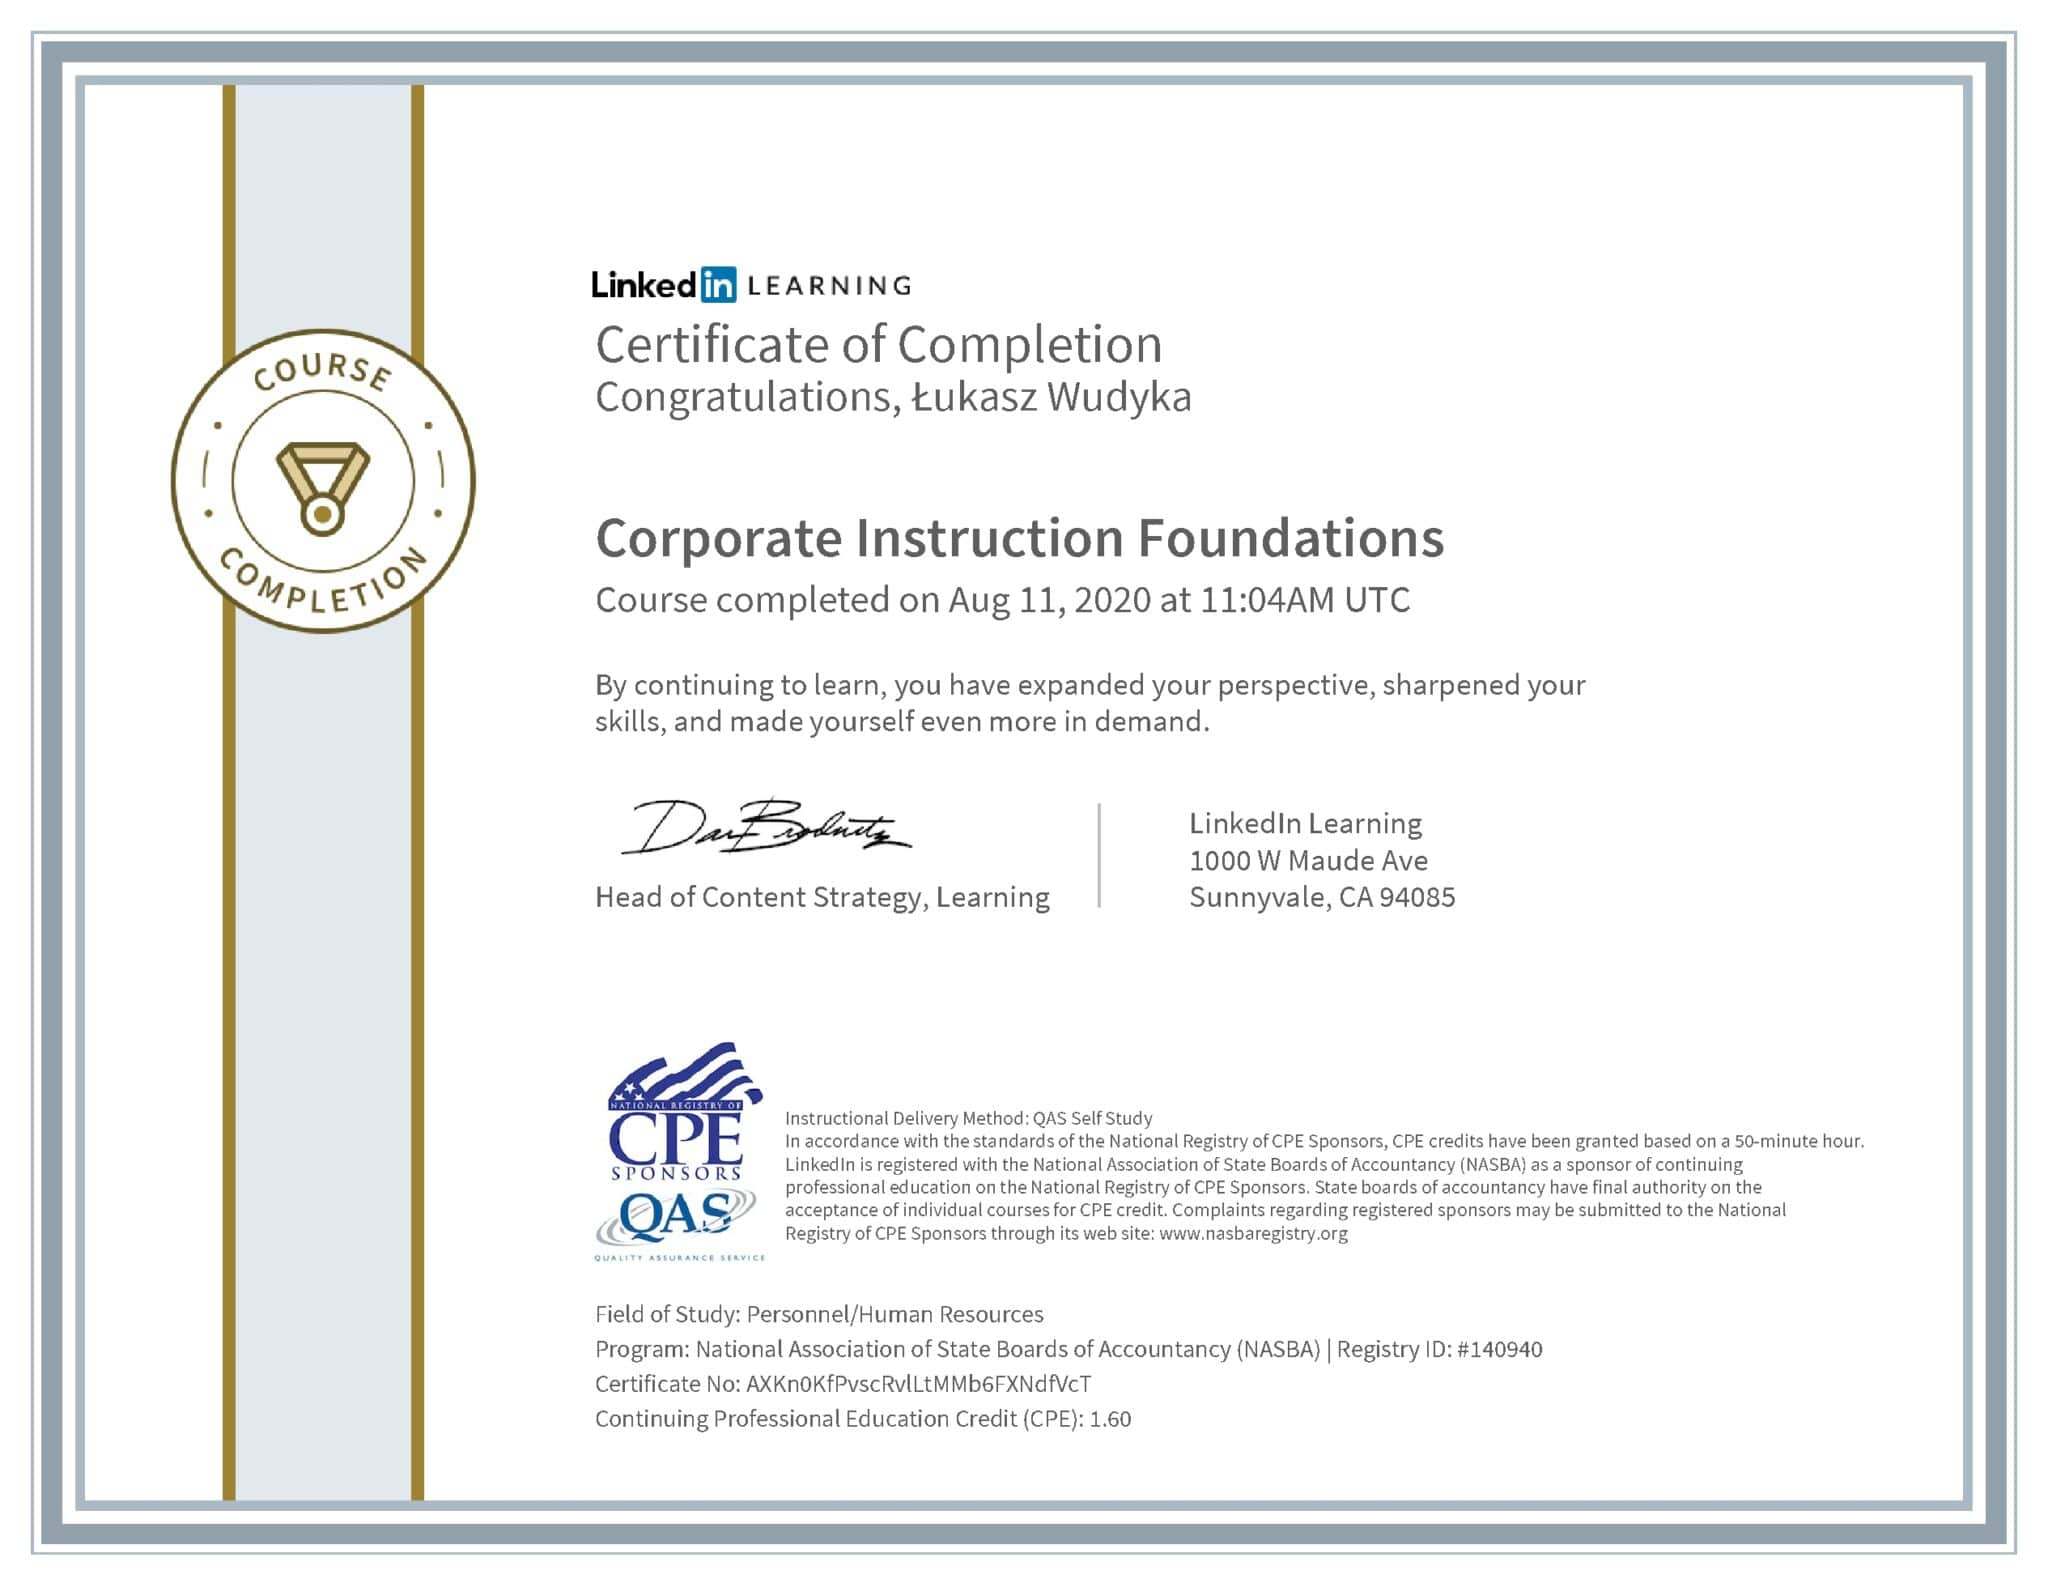 Łukasz Wudyka certyfikat LinkedIn Corporate Instruction Foundations NASBA